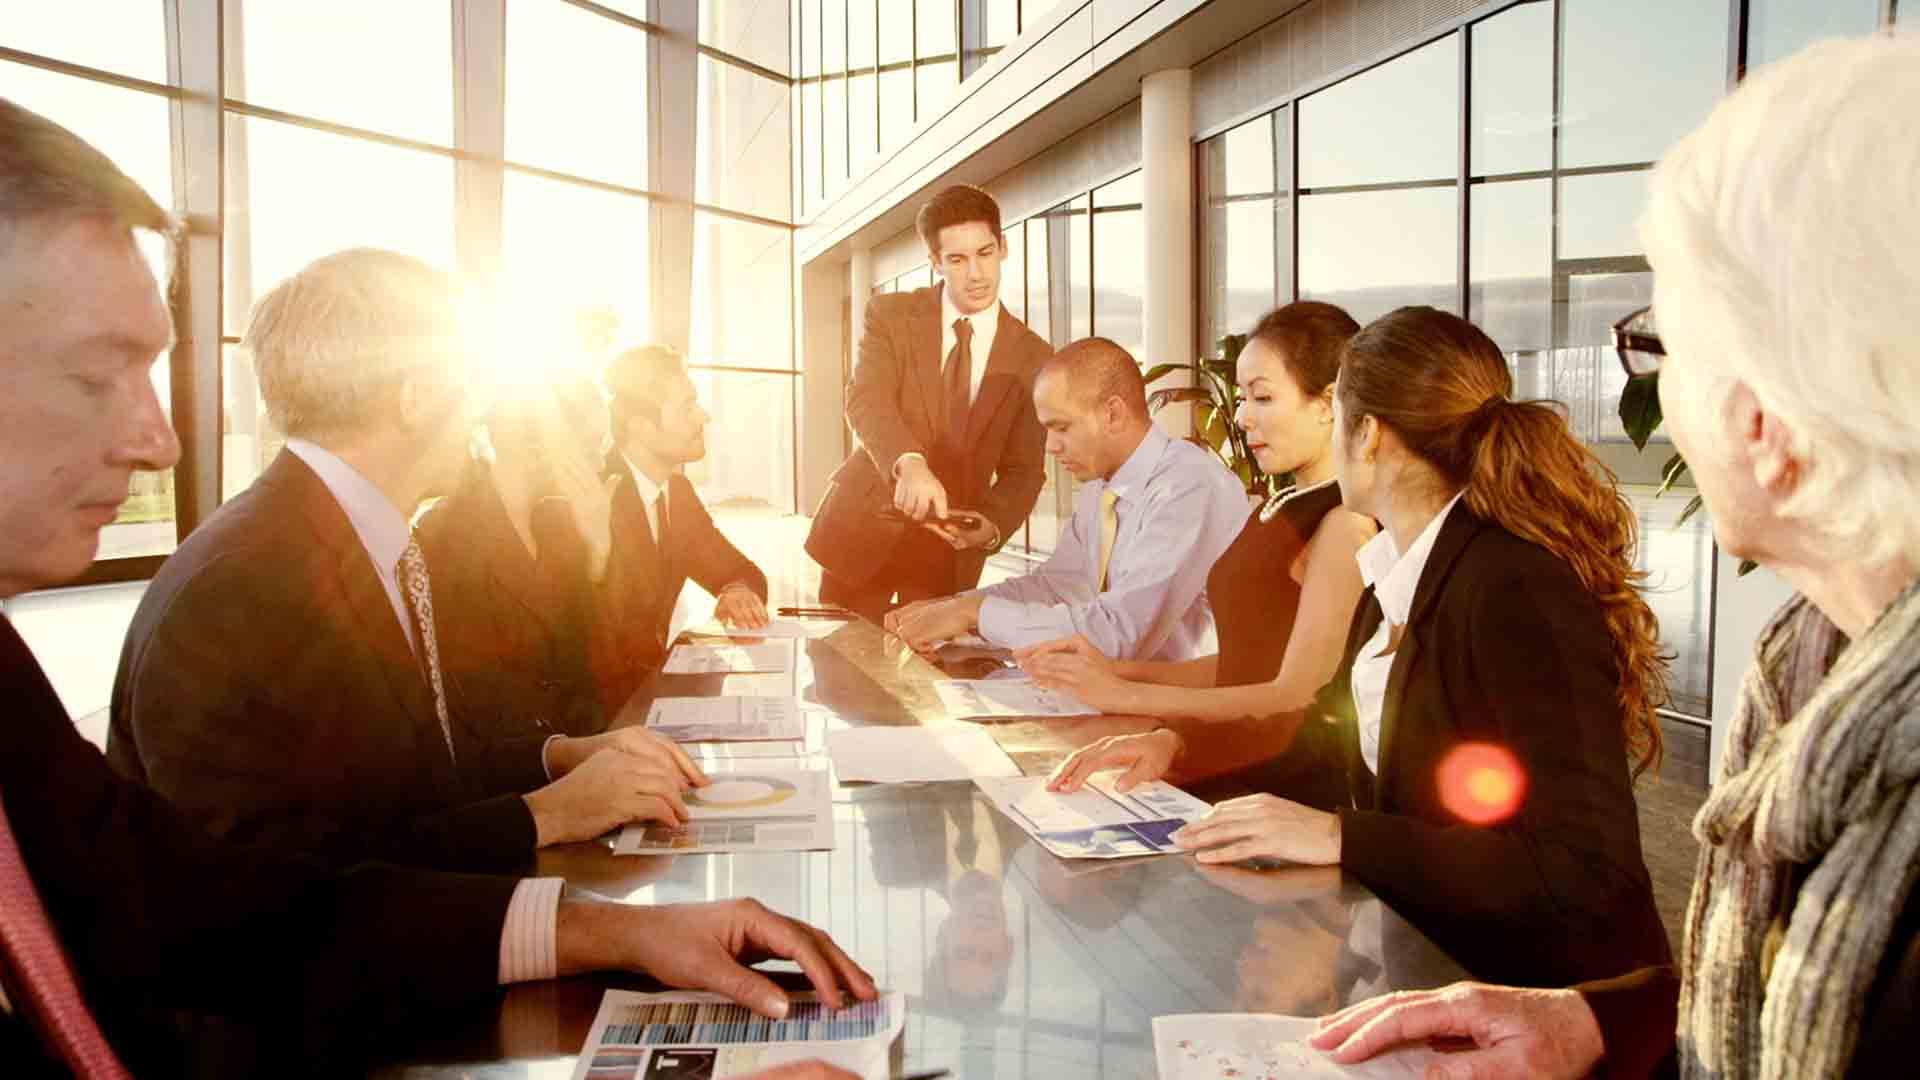 Das Bild zeigt einen langen Tisch. Dieser steht in einem Meetingraum. Um den Tisch herum sitzen Menschen in Business Kleidung. Am Ende des Tisches steht ein Mann in Anzug. Die Wände sind von vielen Fenstern geziert, die Sonne scheint herein. Das Bild dient als Sliderbild für den Portfolioeintrag H1 Fond von Panda Pictures.